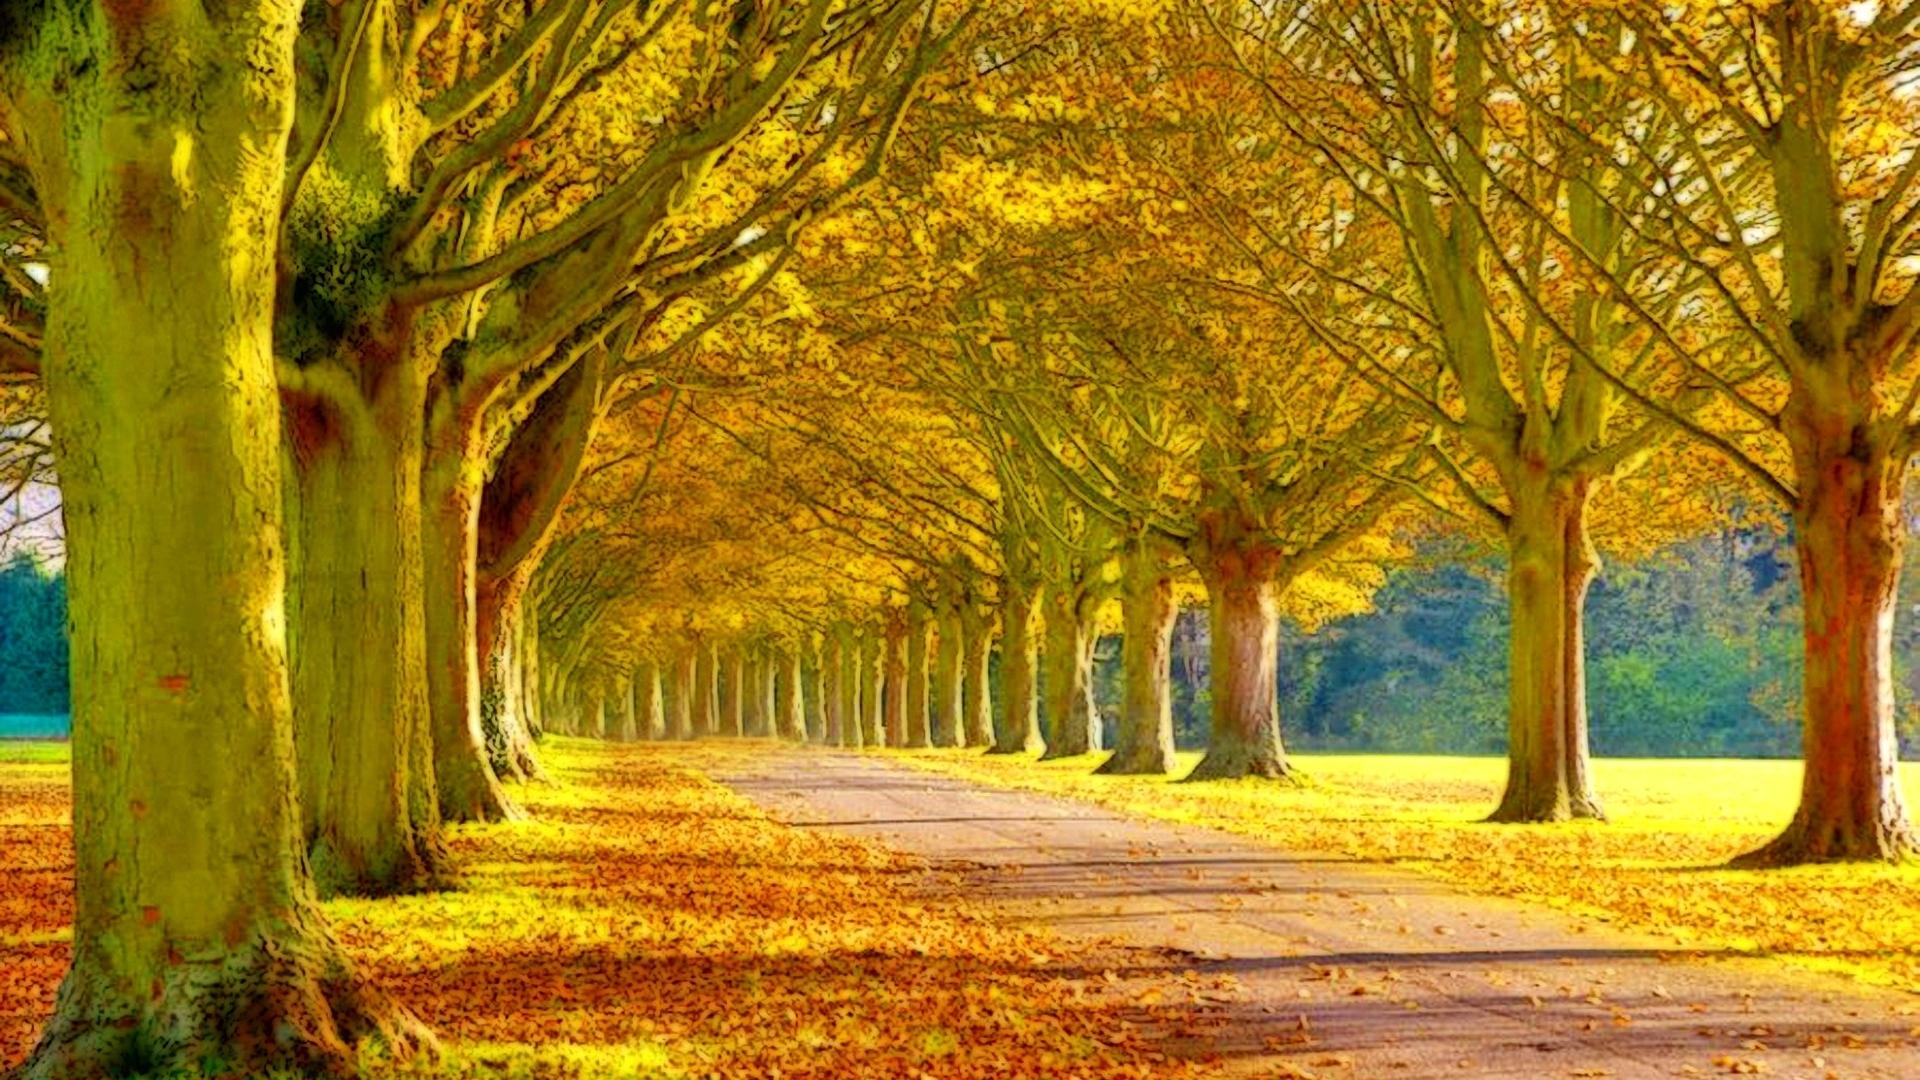 beautiful scenery landscape wallpaper   hd desktop background